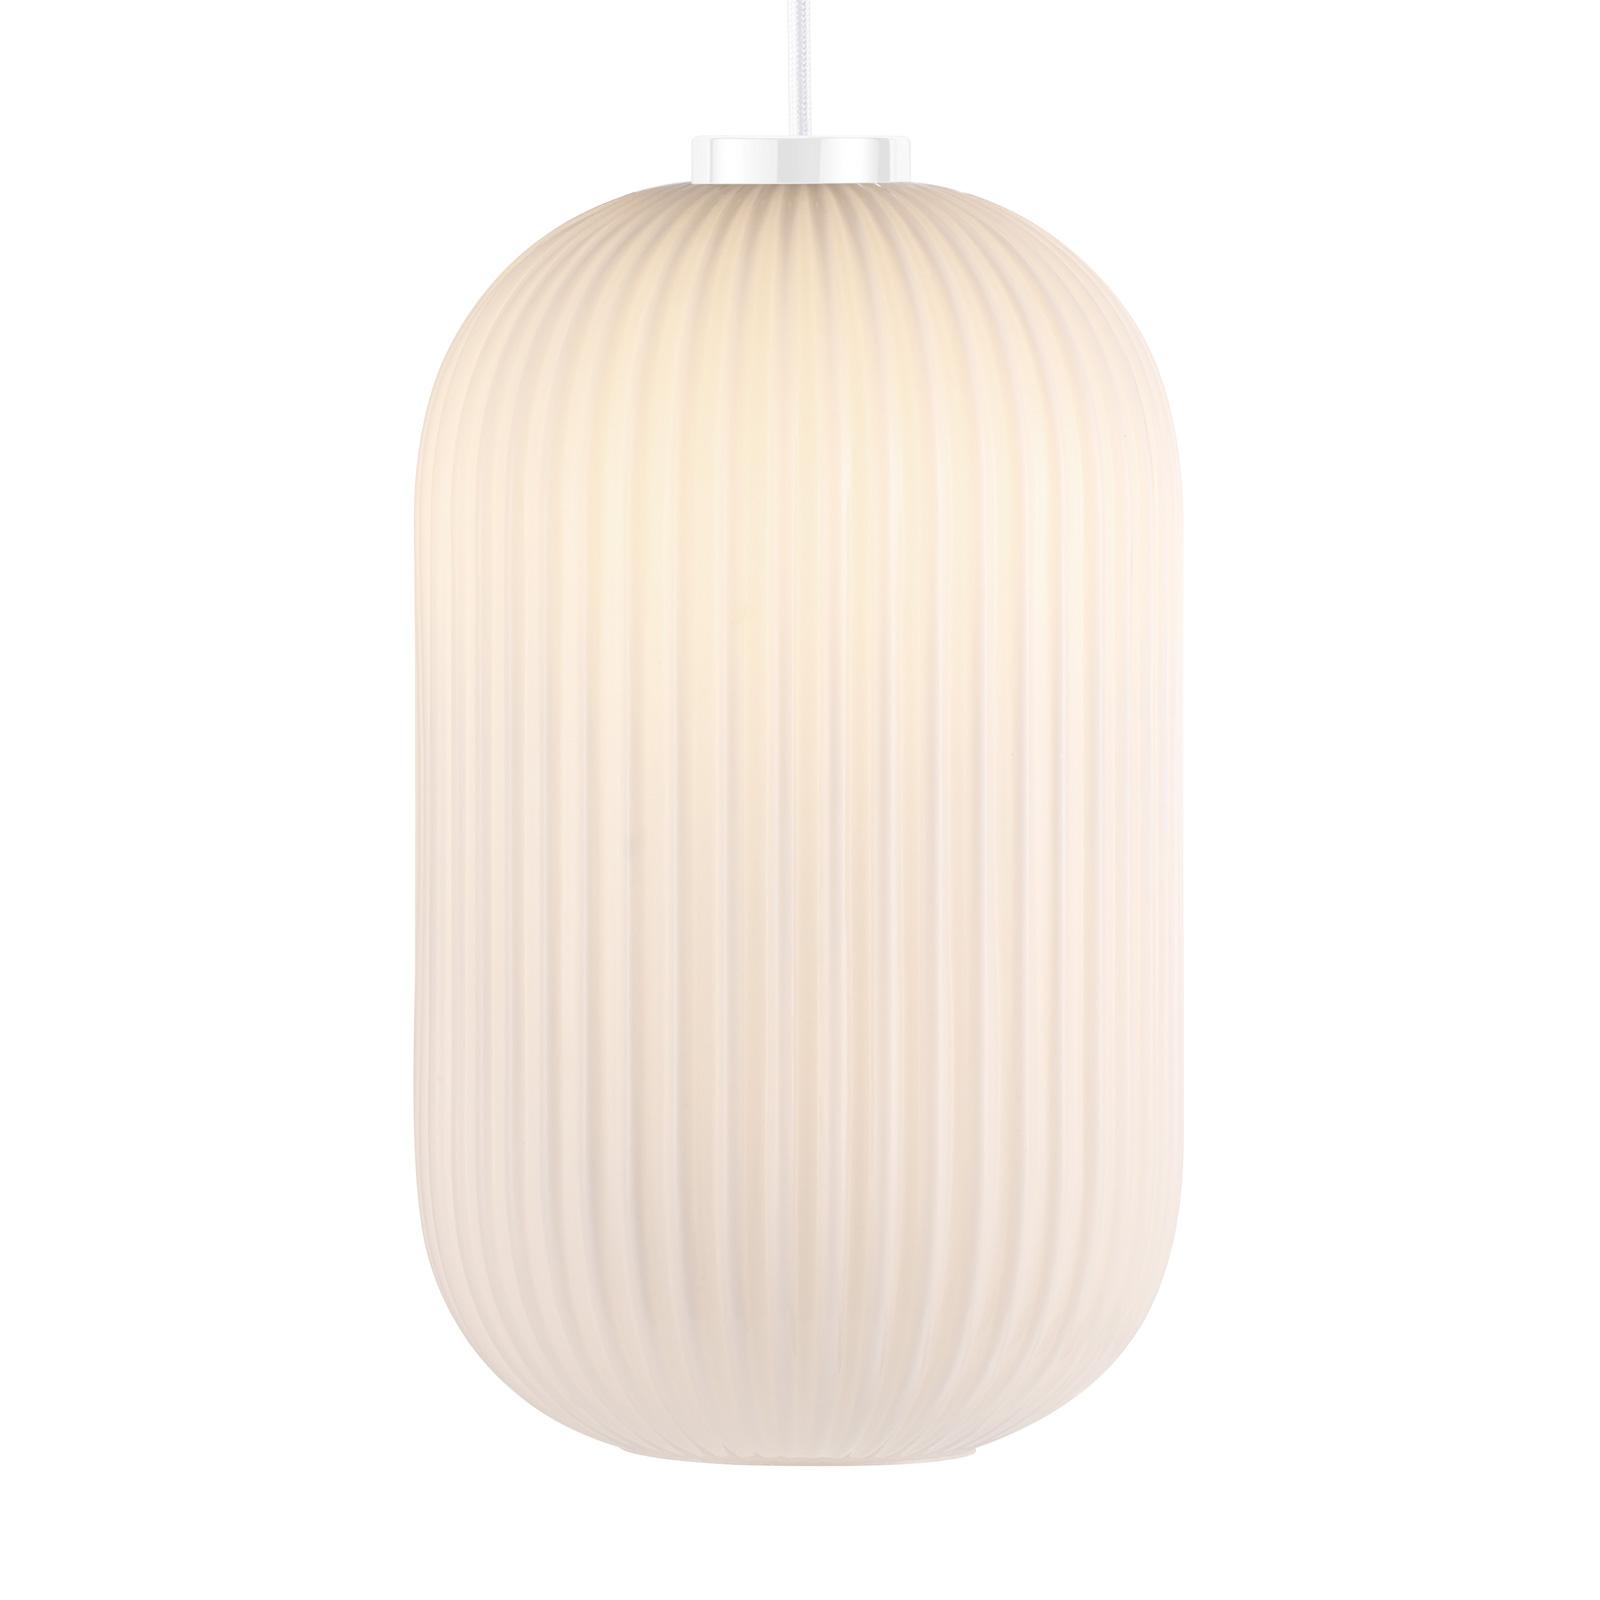 Lampa wisząca Milford 20 ryflowany szklany klosz